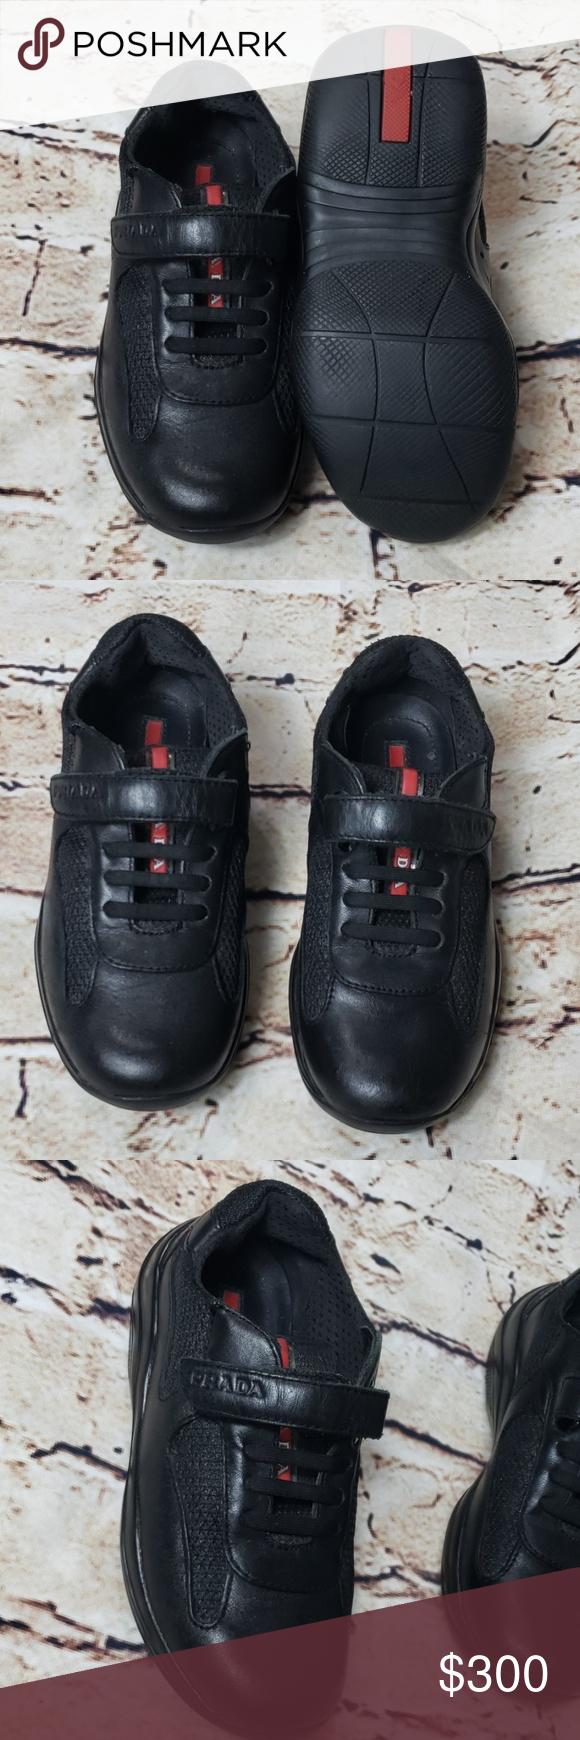 Prada, Womens sneakers, Prada sneakers